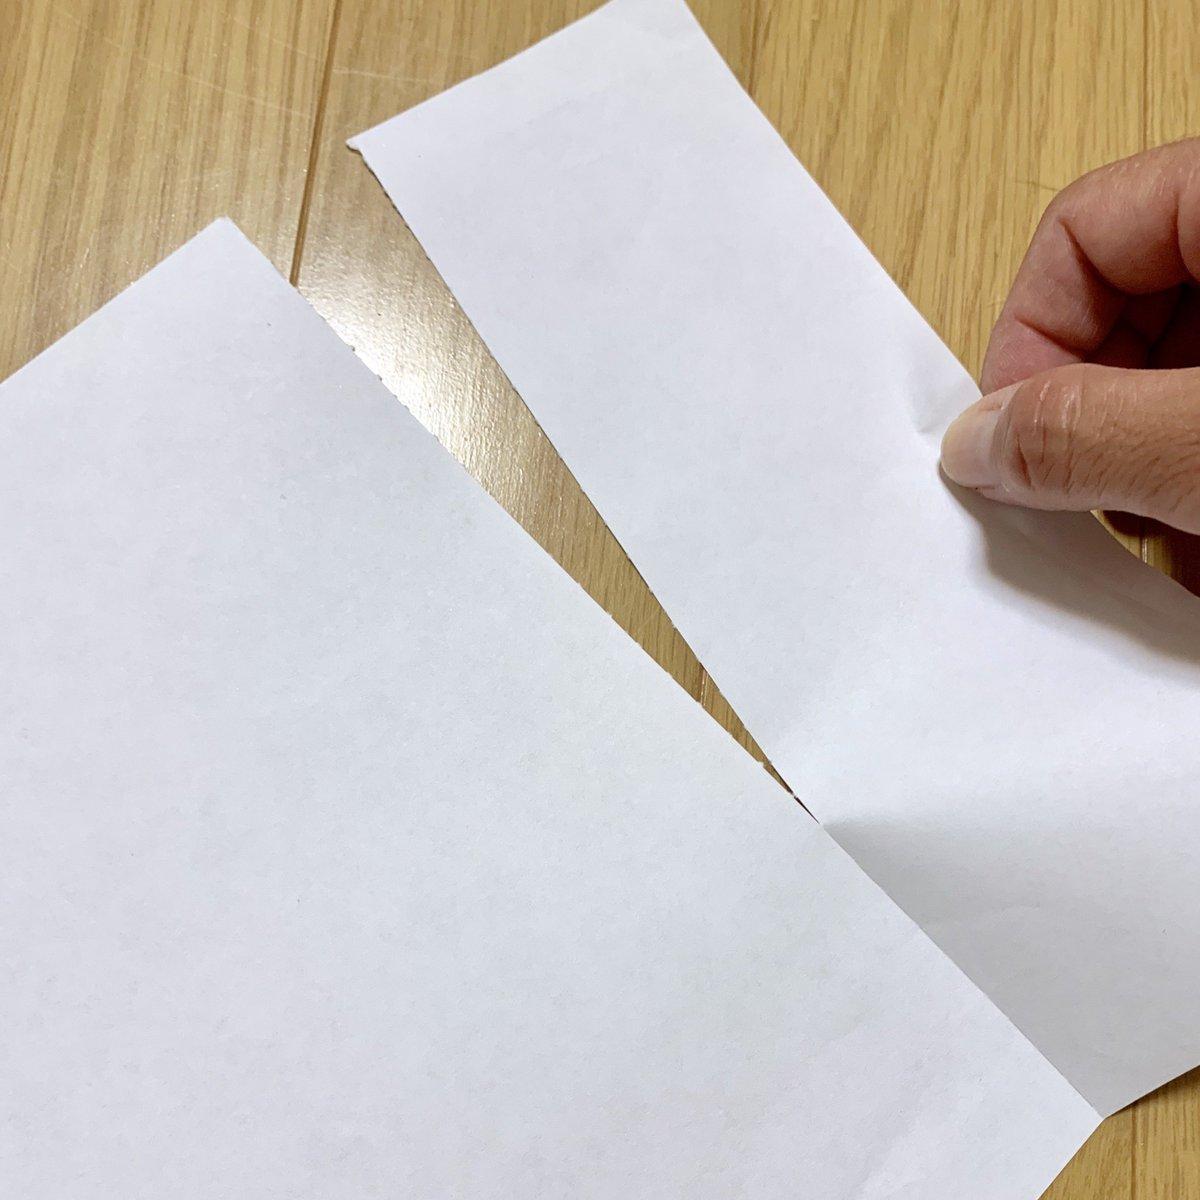 test ツイッターメディア - これは買いでは?と試しに買った100均ミシン目カッター 見た目の色味も落ち着いてて、使い心地も悪くない! あまり分厚い紙ではうまくいかなさそうだが、チケットのプロトタイプとか作るのにとても重宝しそう。 オススメである!!  #100均 #セリア  #Seria #100均文具 https://t.co/w4P0AnjIfX